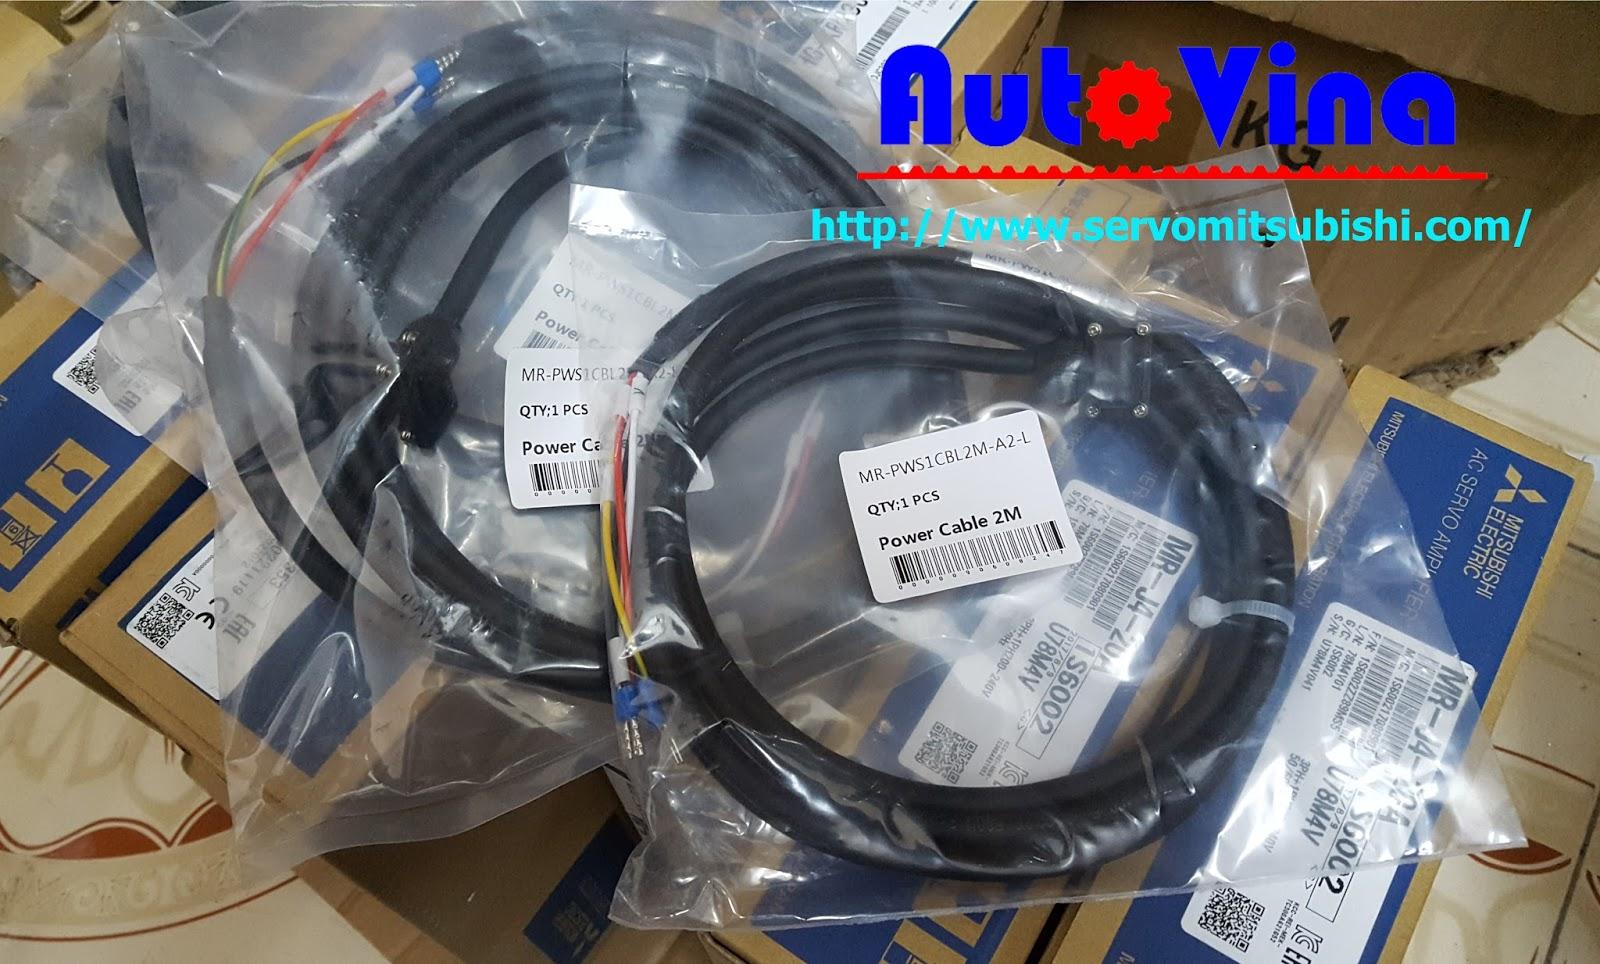 Phụ kiện cable kết nối Servo Mitsubishi MR-PWS1CBL2M-A2-L Power cable 2M